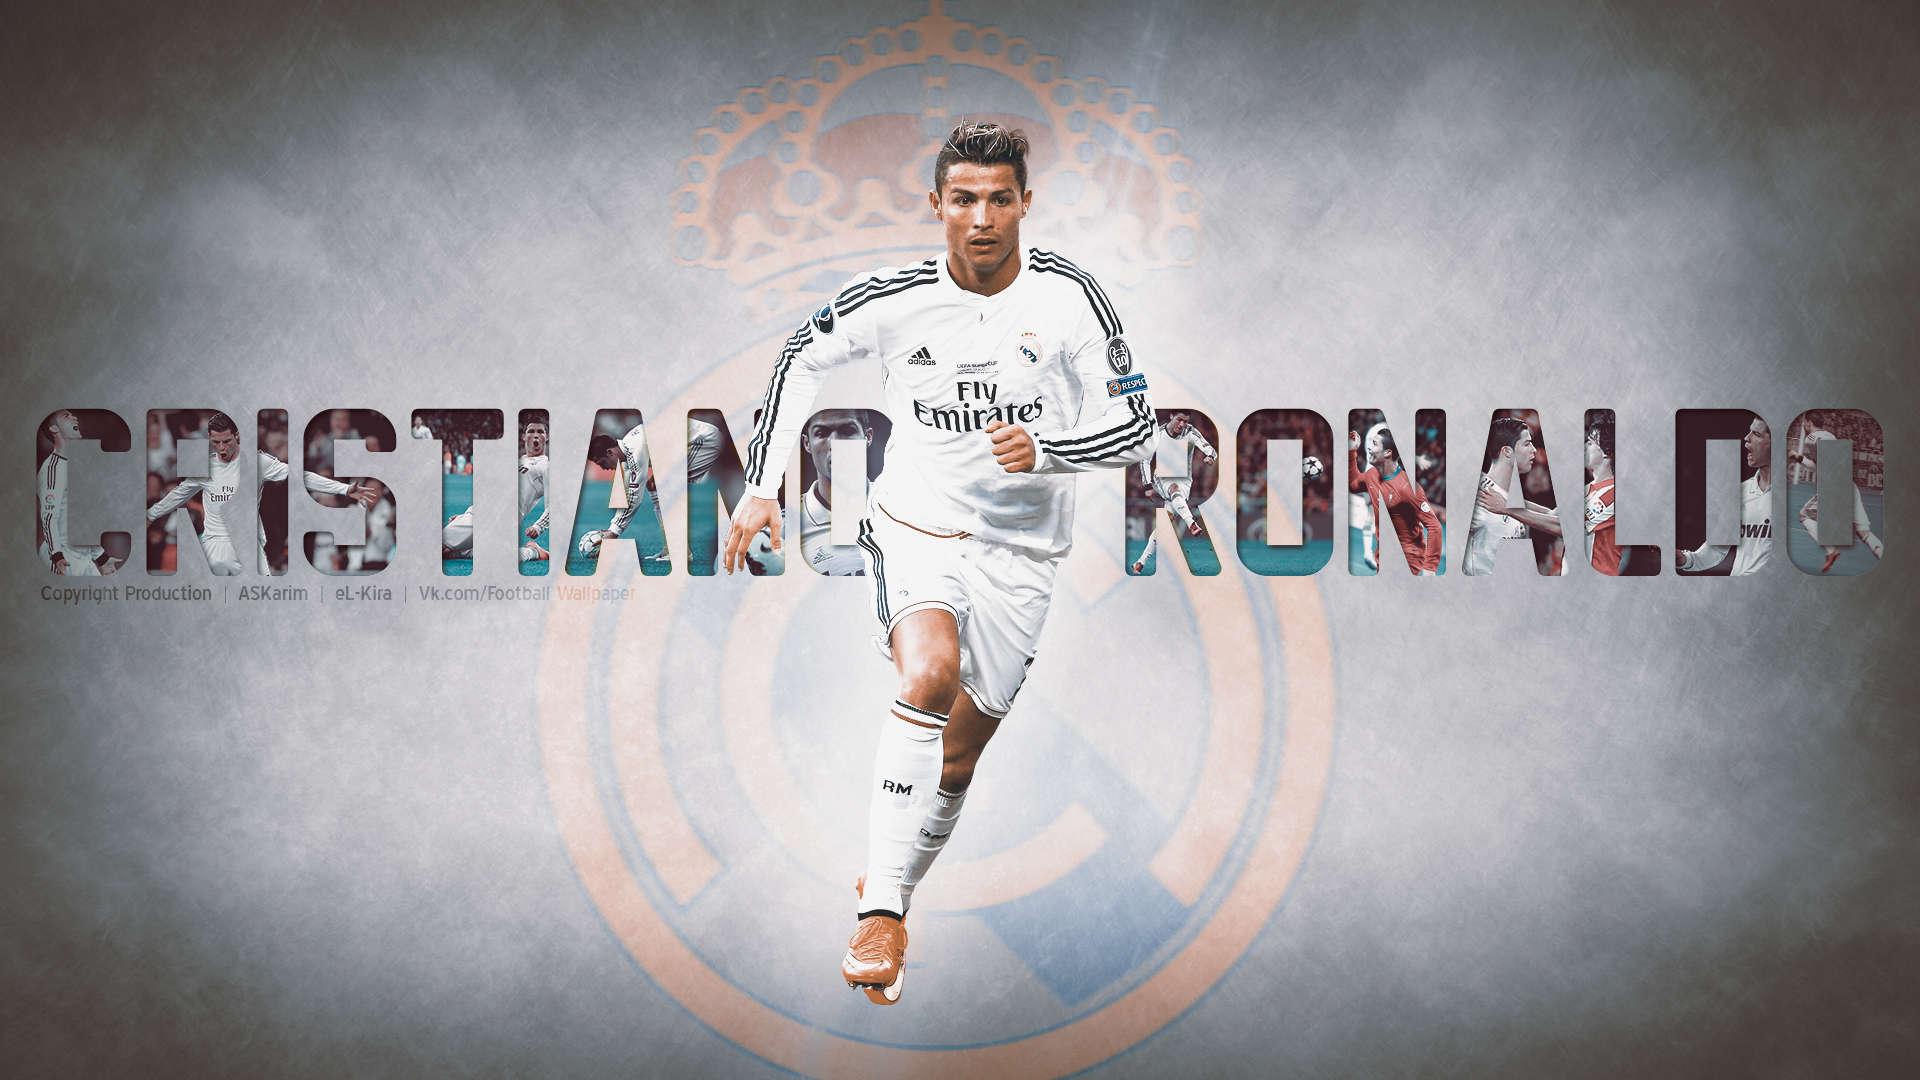 ronaldo   he is back   2014 2015   hd by el kira d7uxjxi download 1920x1080